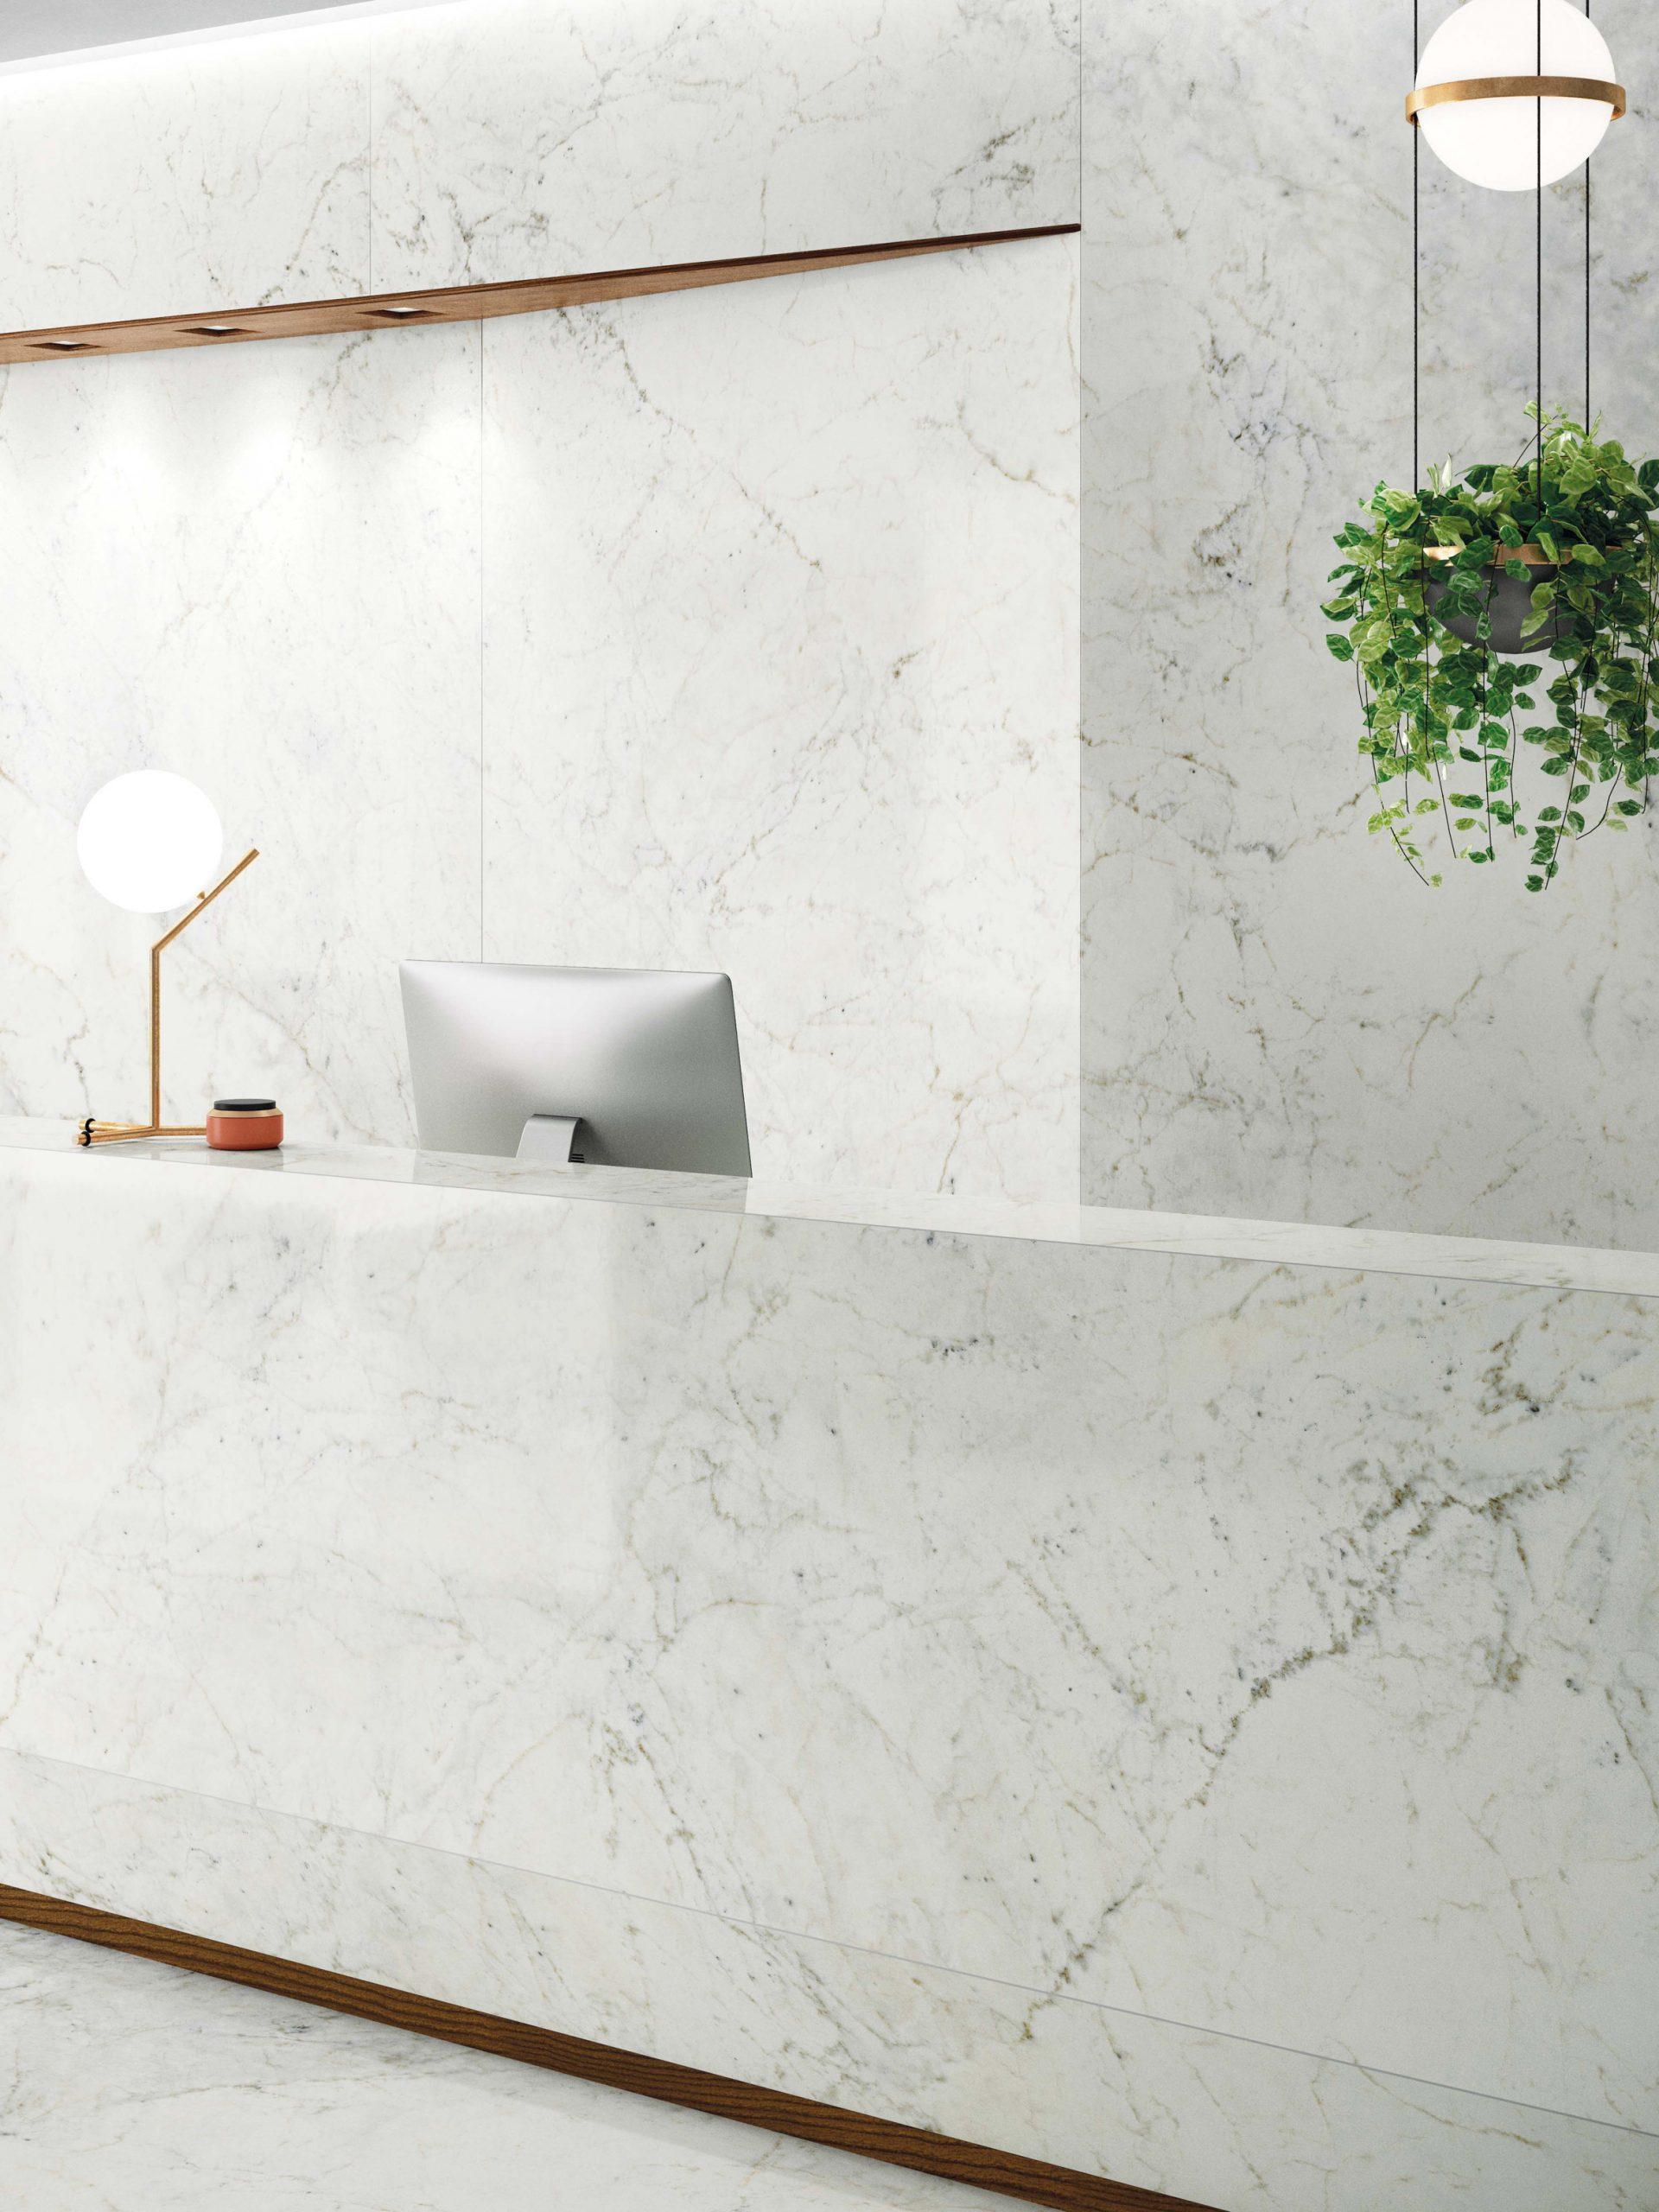 Statuario Delicato from Fabbrica Marmi e Graniti's MaxFine tile range